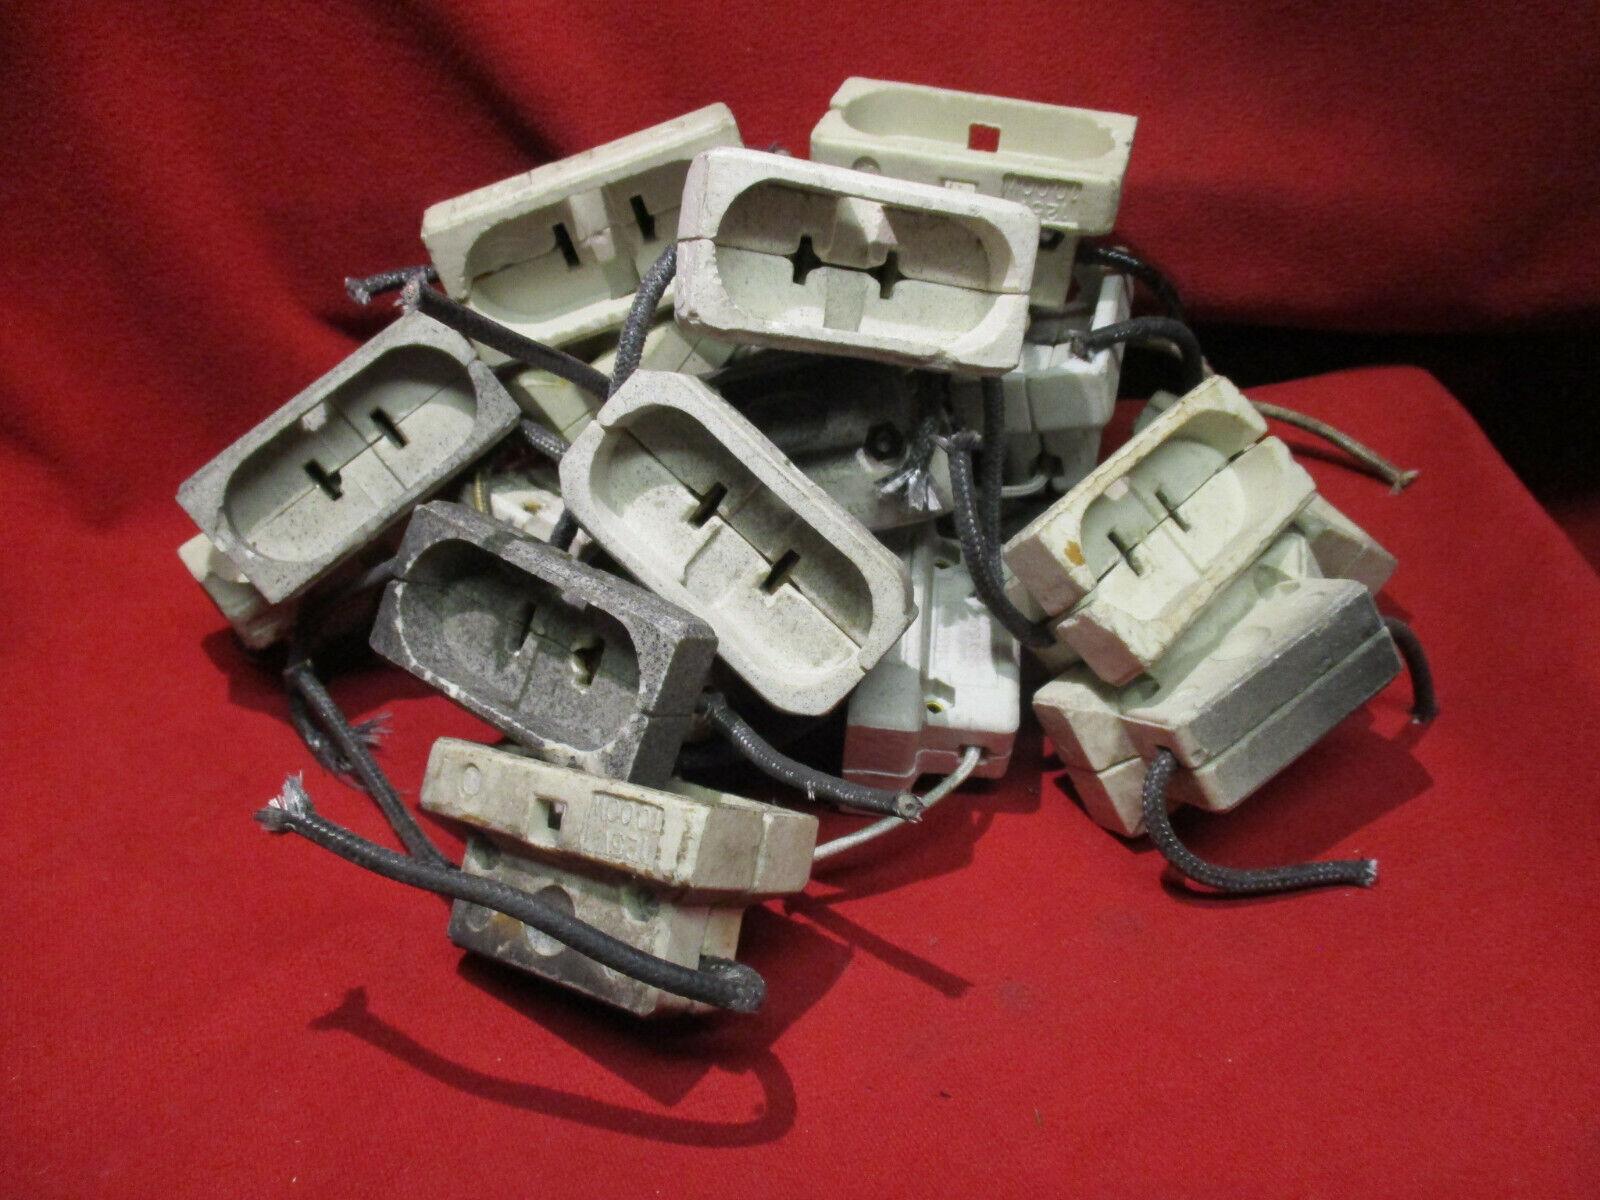 Par Can Sockets 1000W 125V Quantity of 20